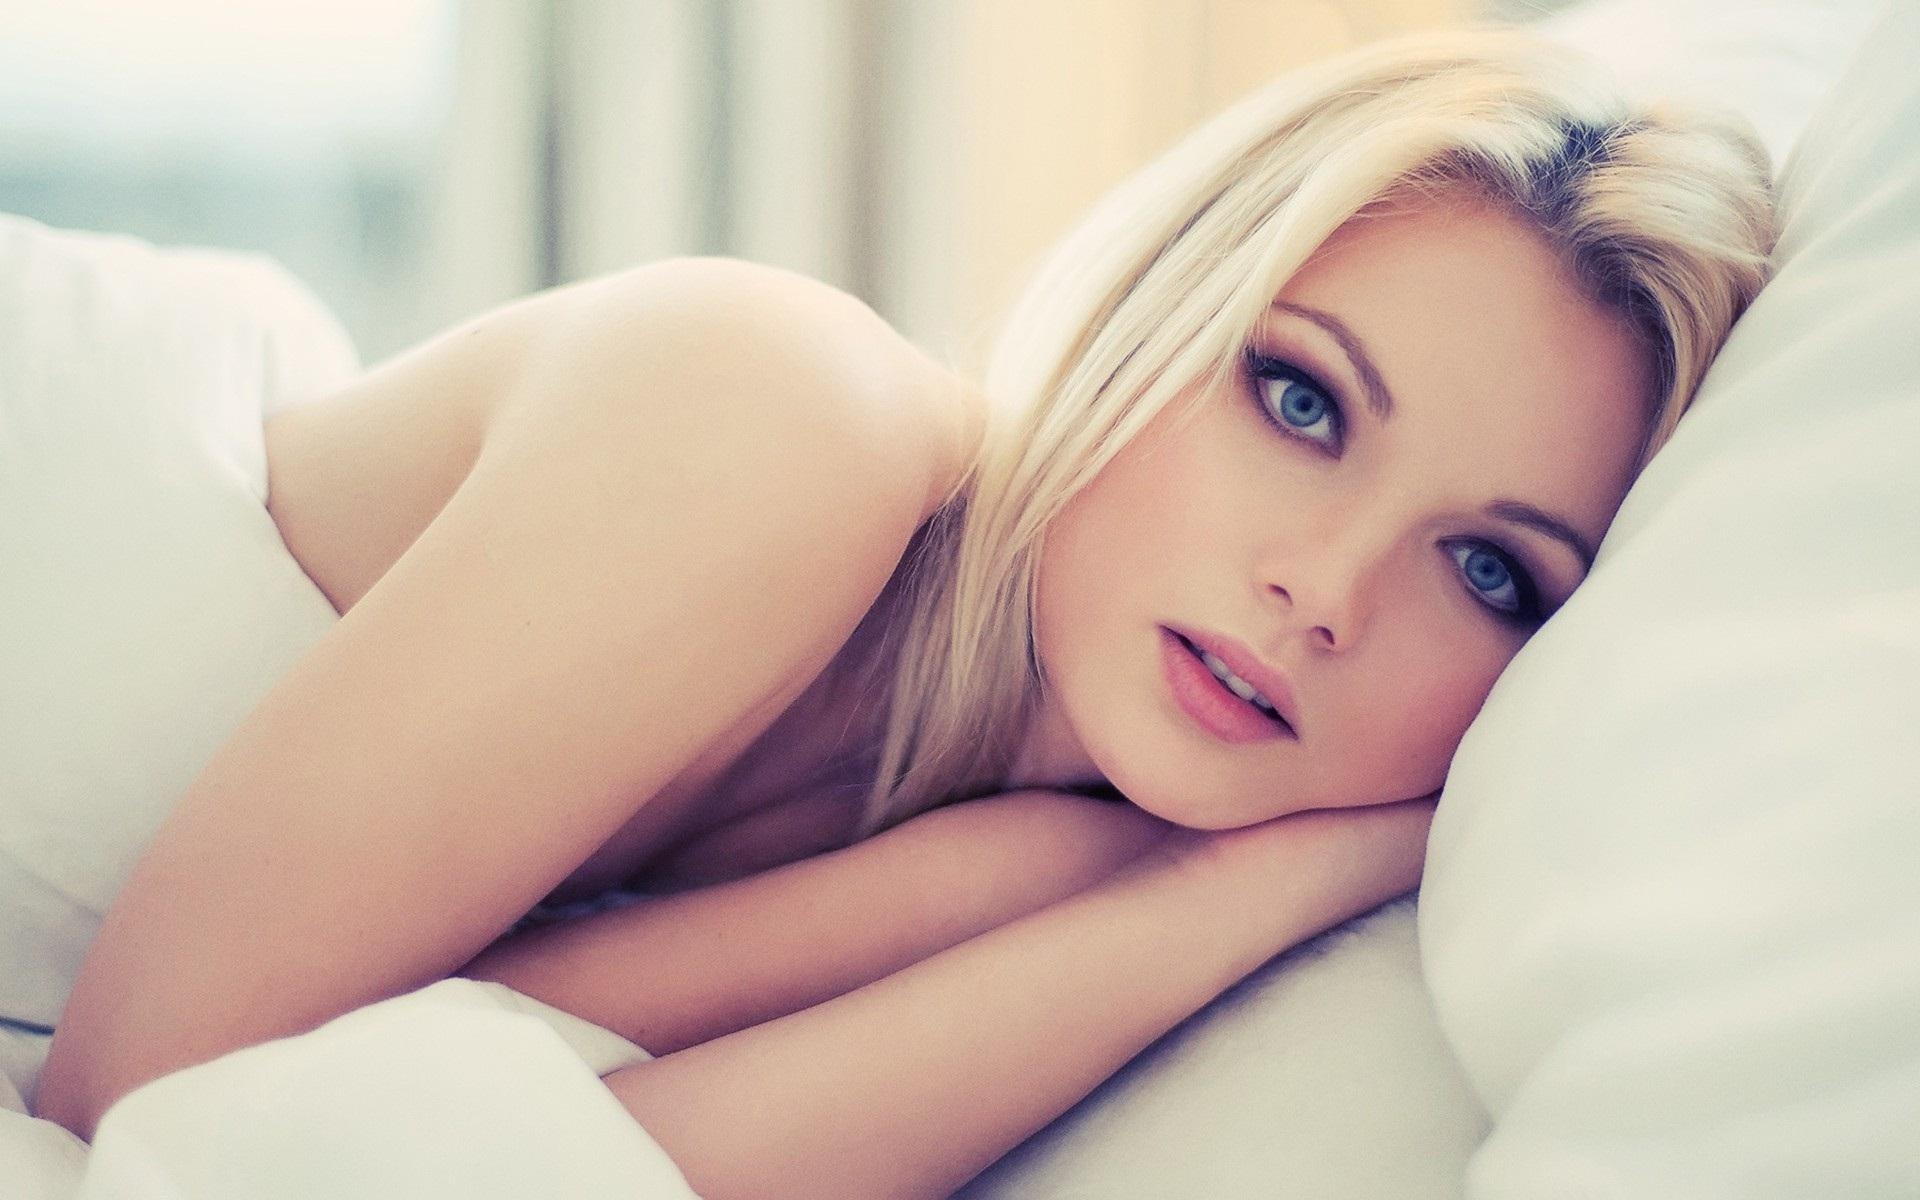 Ебем с другом мою красавицу жену русское домашнее порно МЖМ